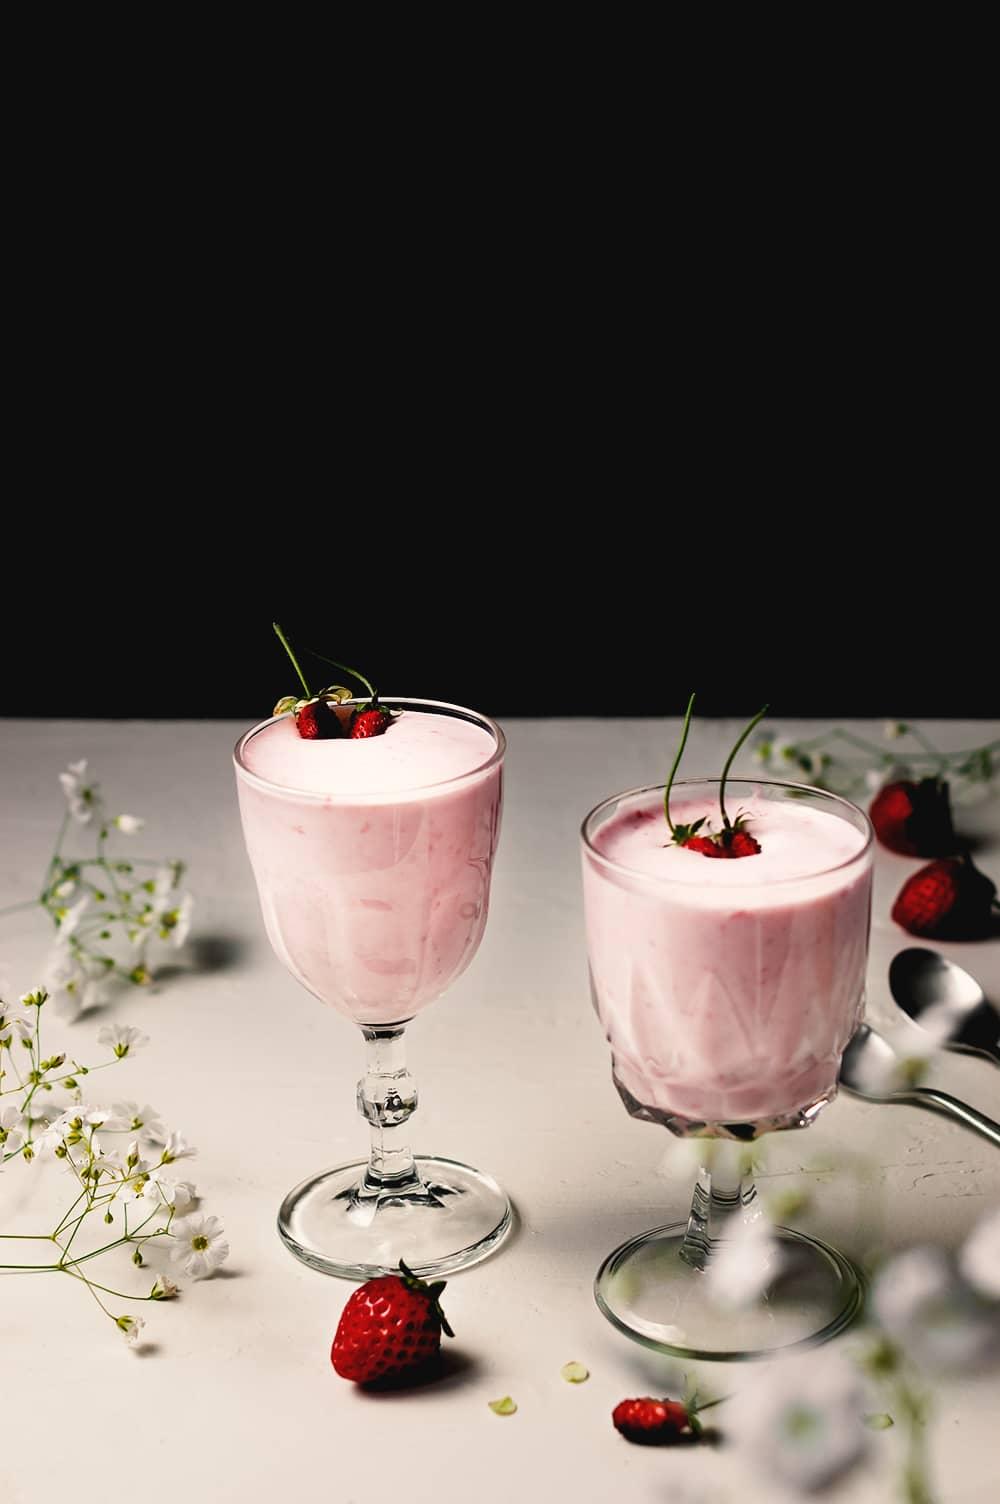 Receta de Espuma de fresas